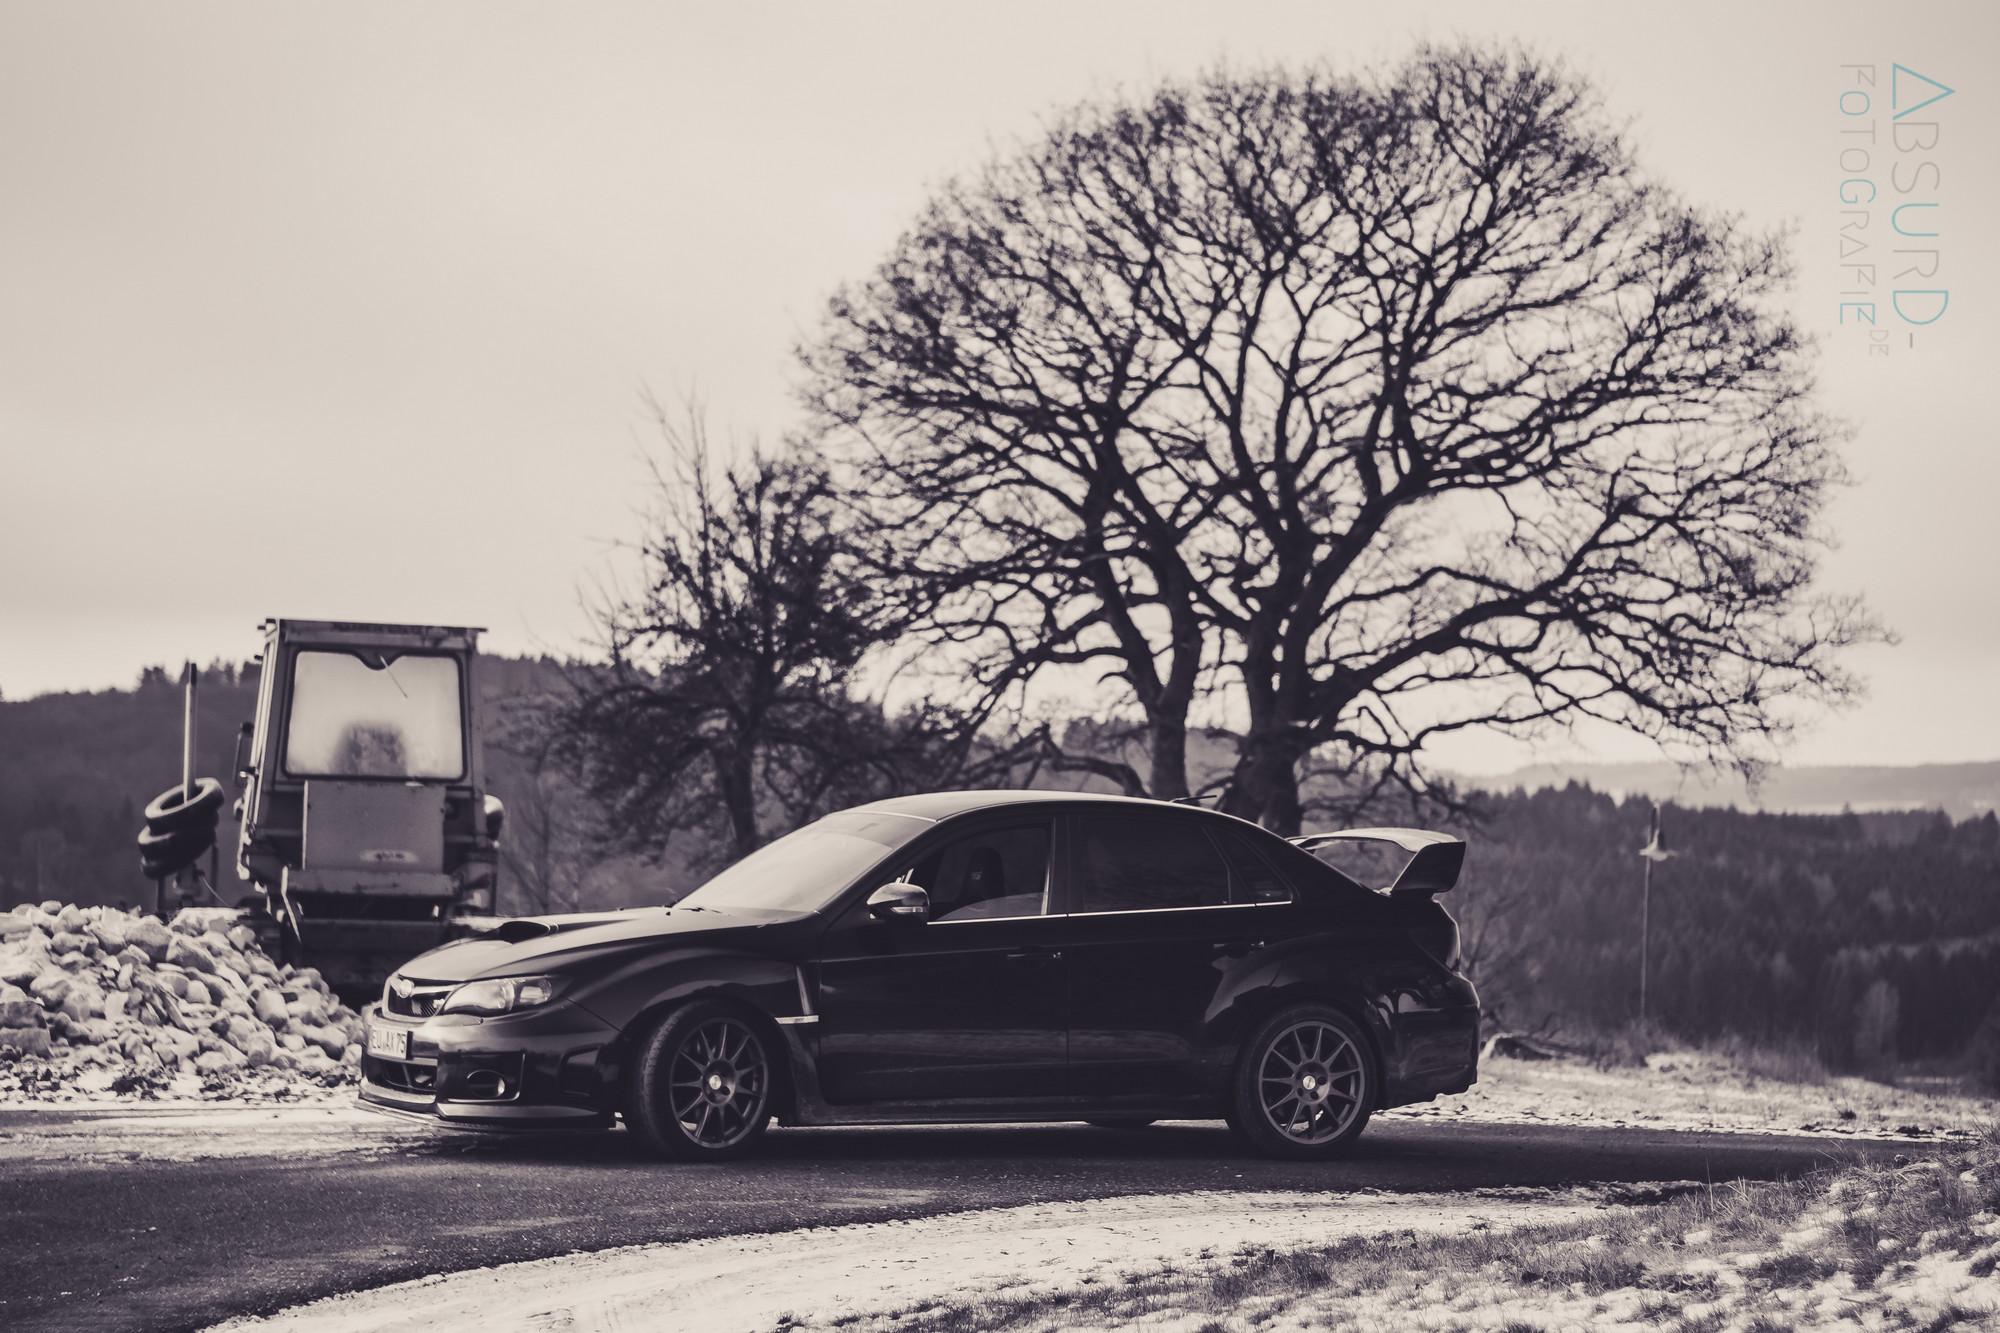 2019-01-20-Alex-Subaru-STI - DSC01884-00001-lredit-_tn.jpg